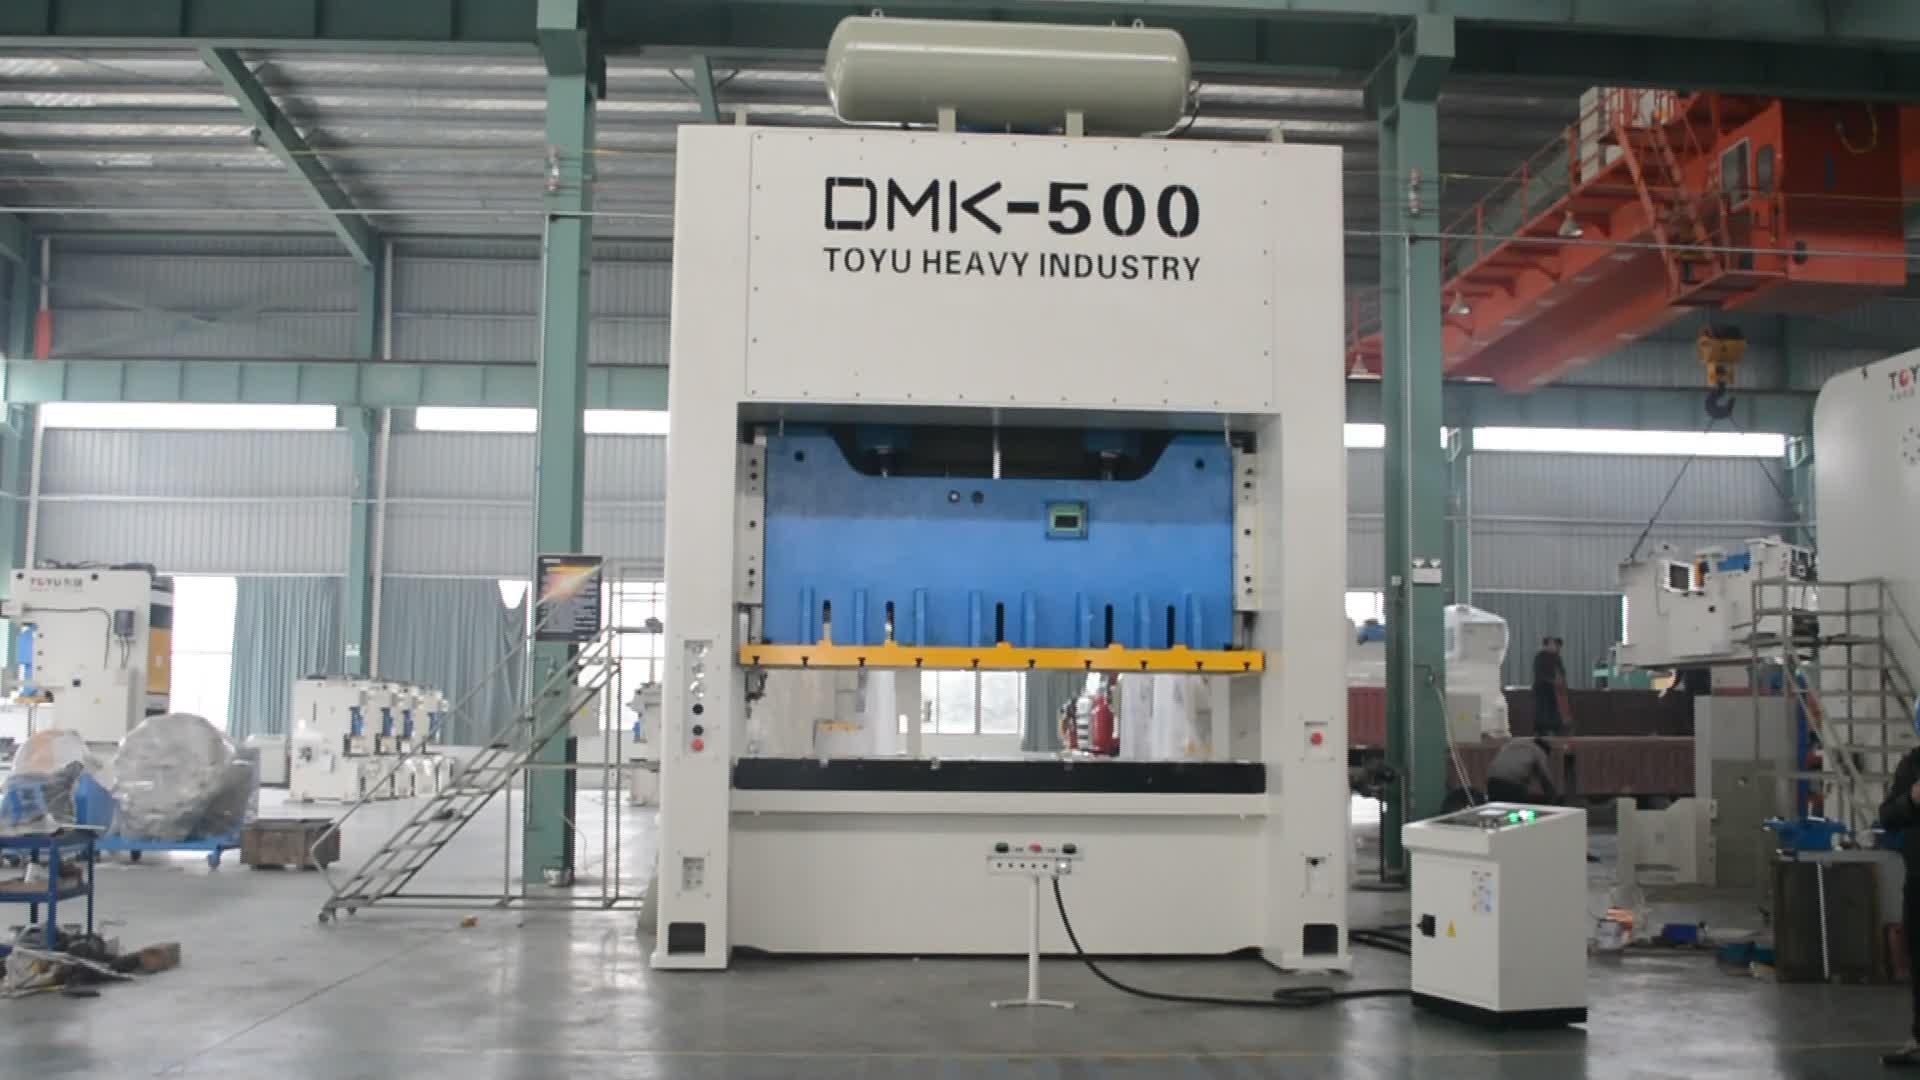 DMK-500